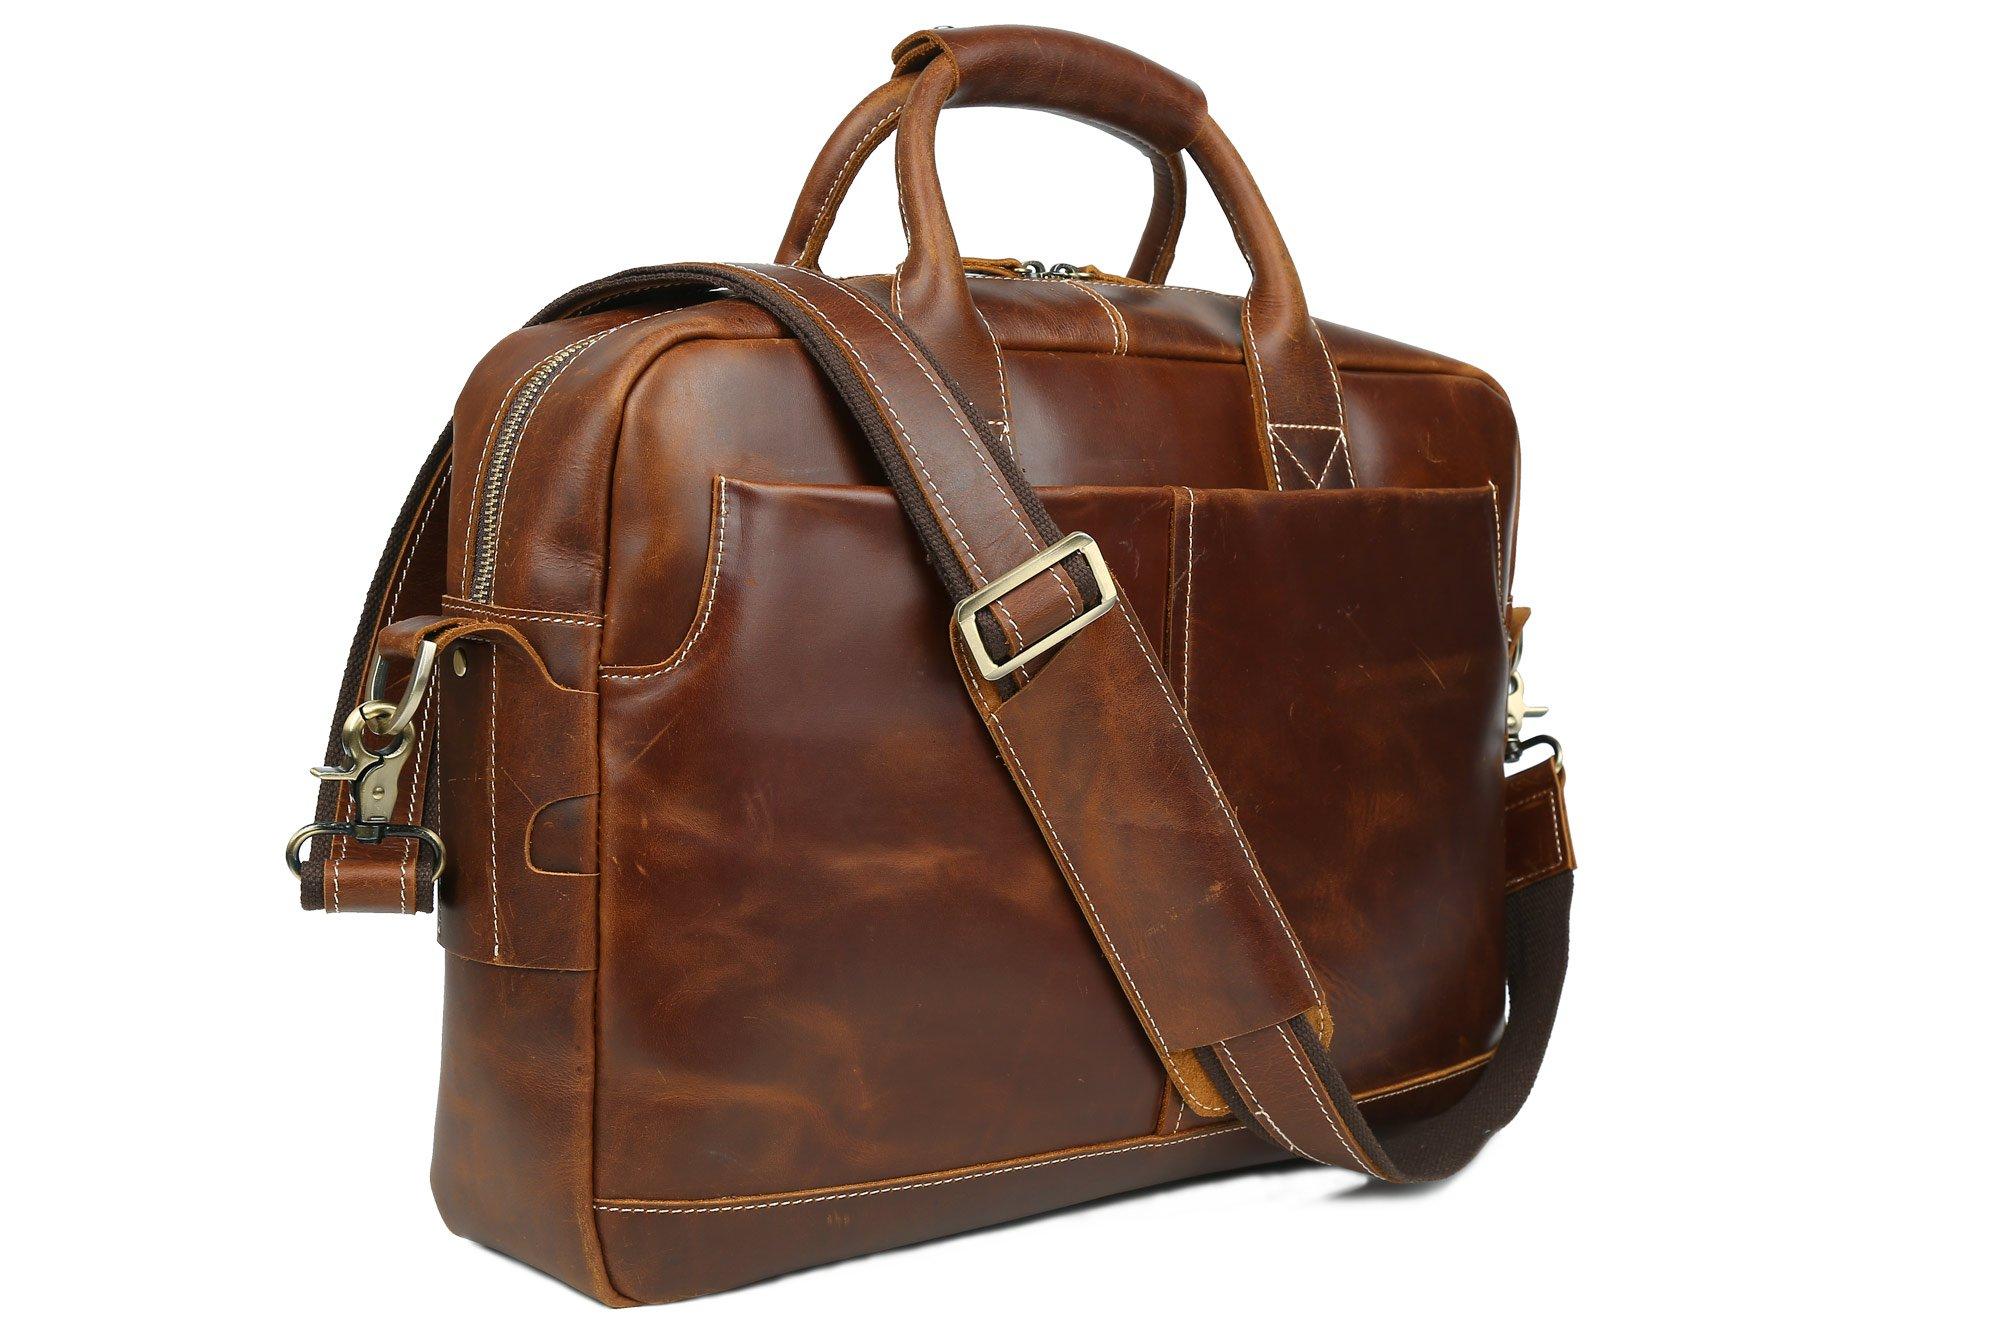 2937576a604d Get Quotations · Men s Leather Laptop Briefcase Vintage Satchel Shoulder  Tote Bag Attache Cases Portfolio Bag (Burgundy)